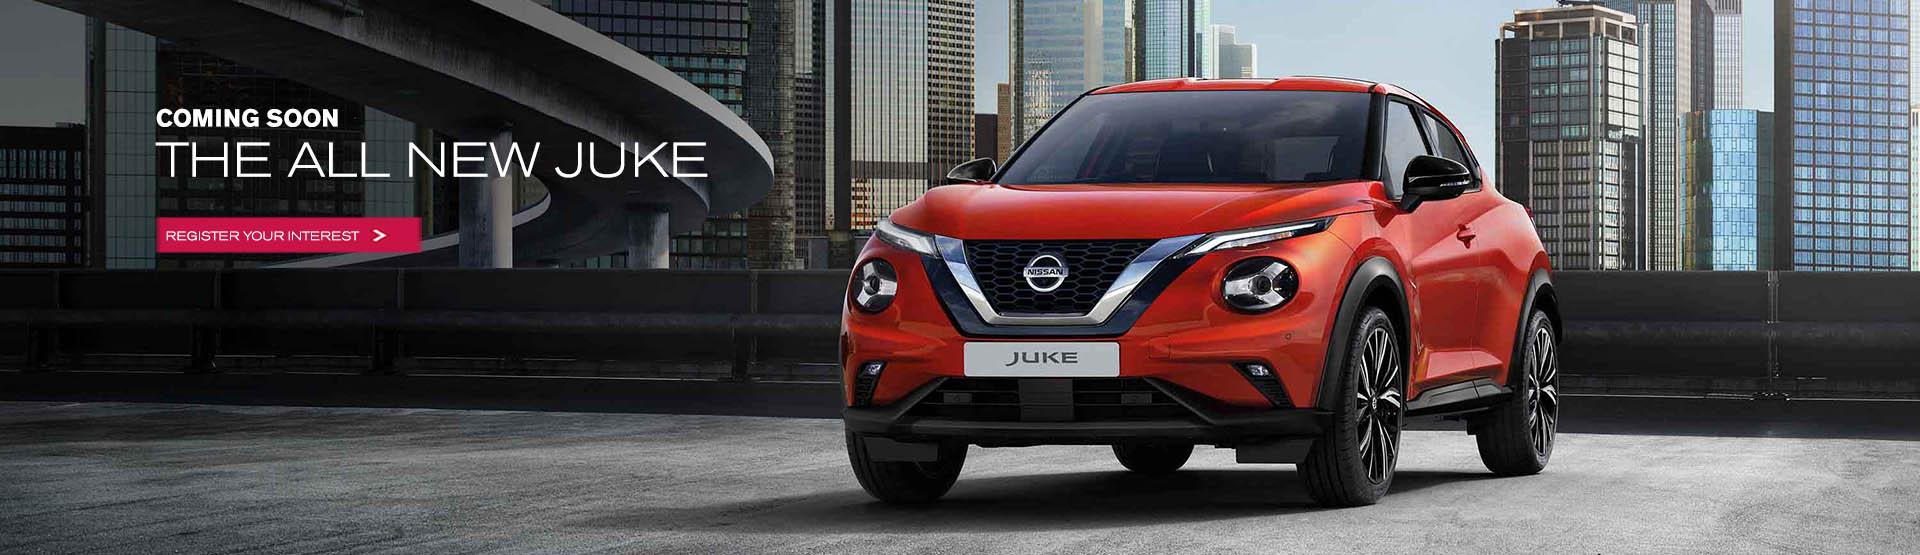 All New Nissan Juke